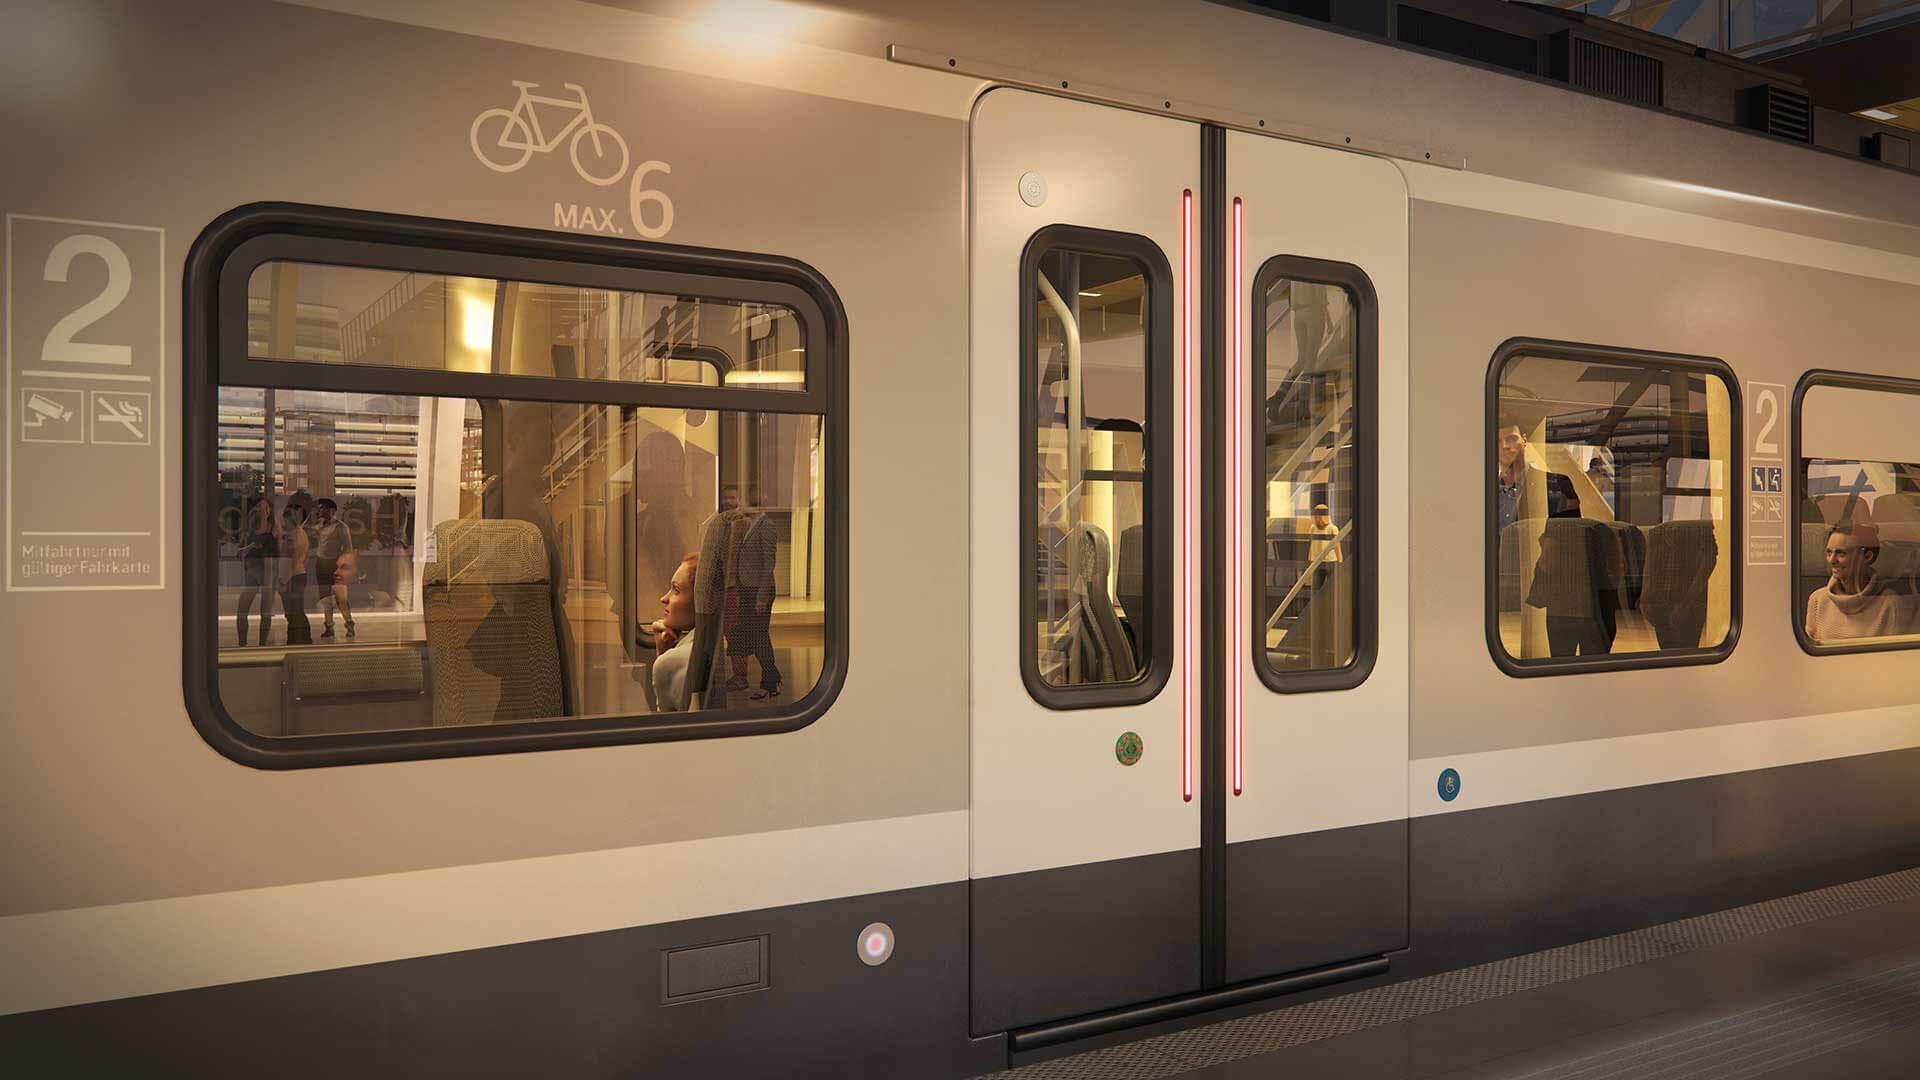 Anwendungsbereich Bahn Türeinstieg aussen